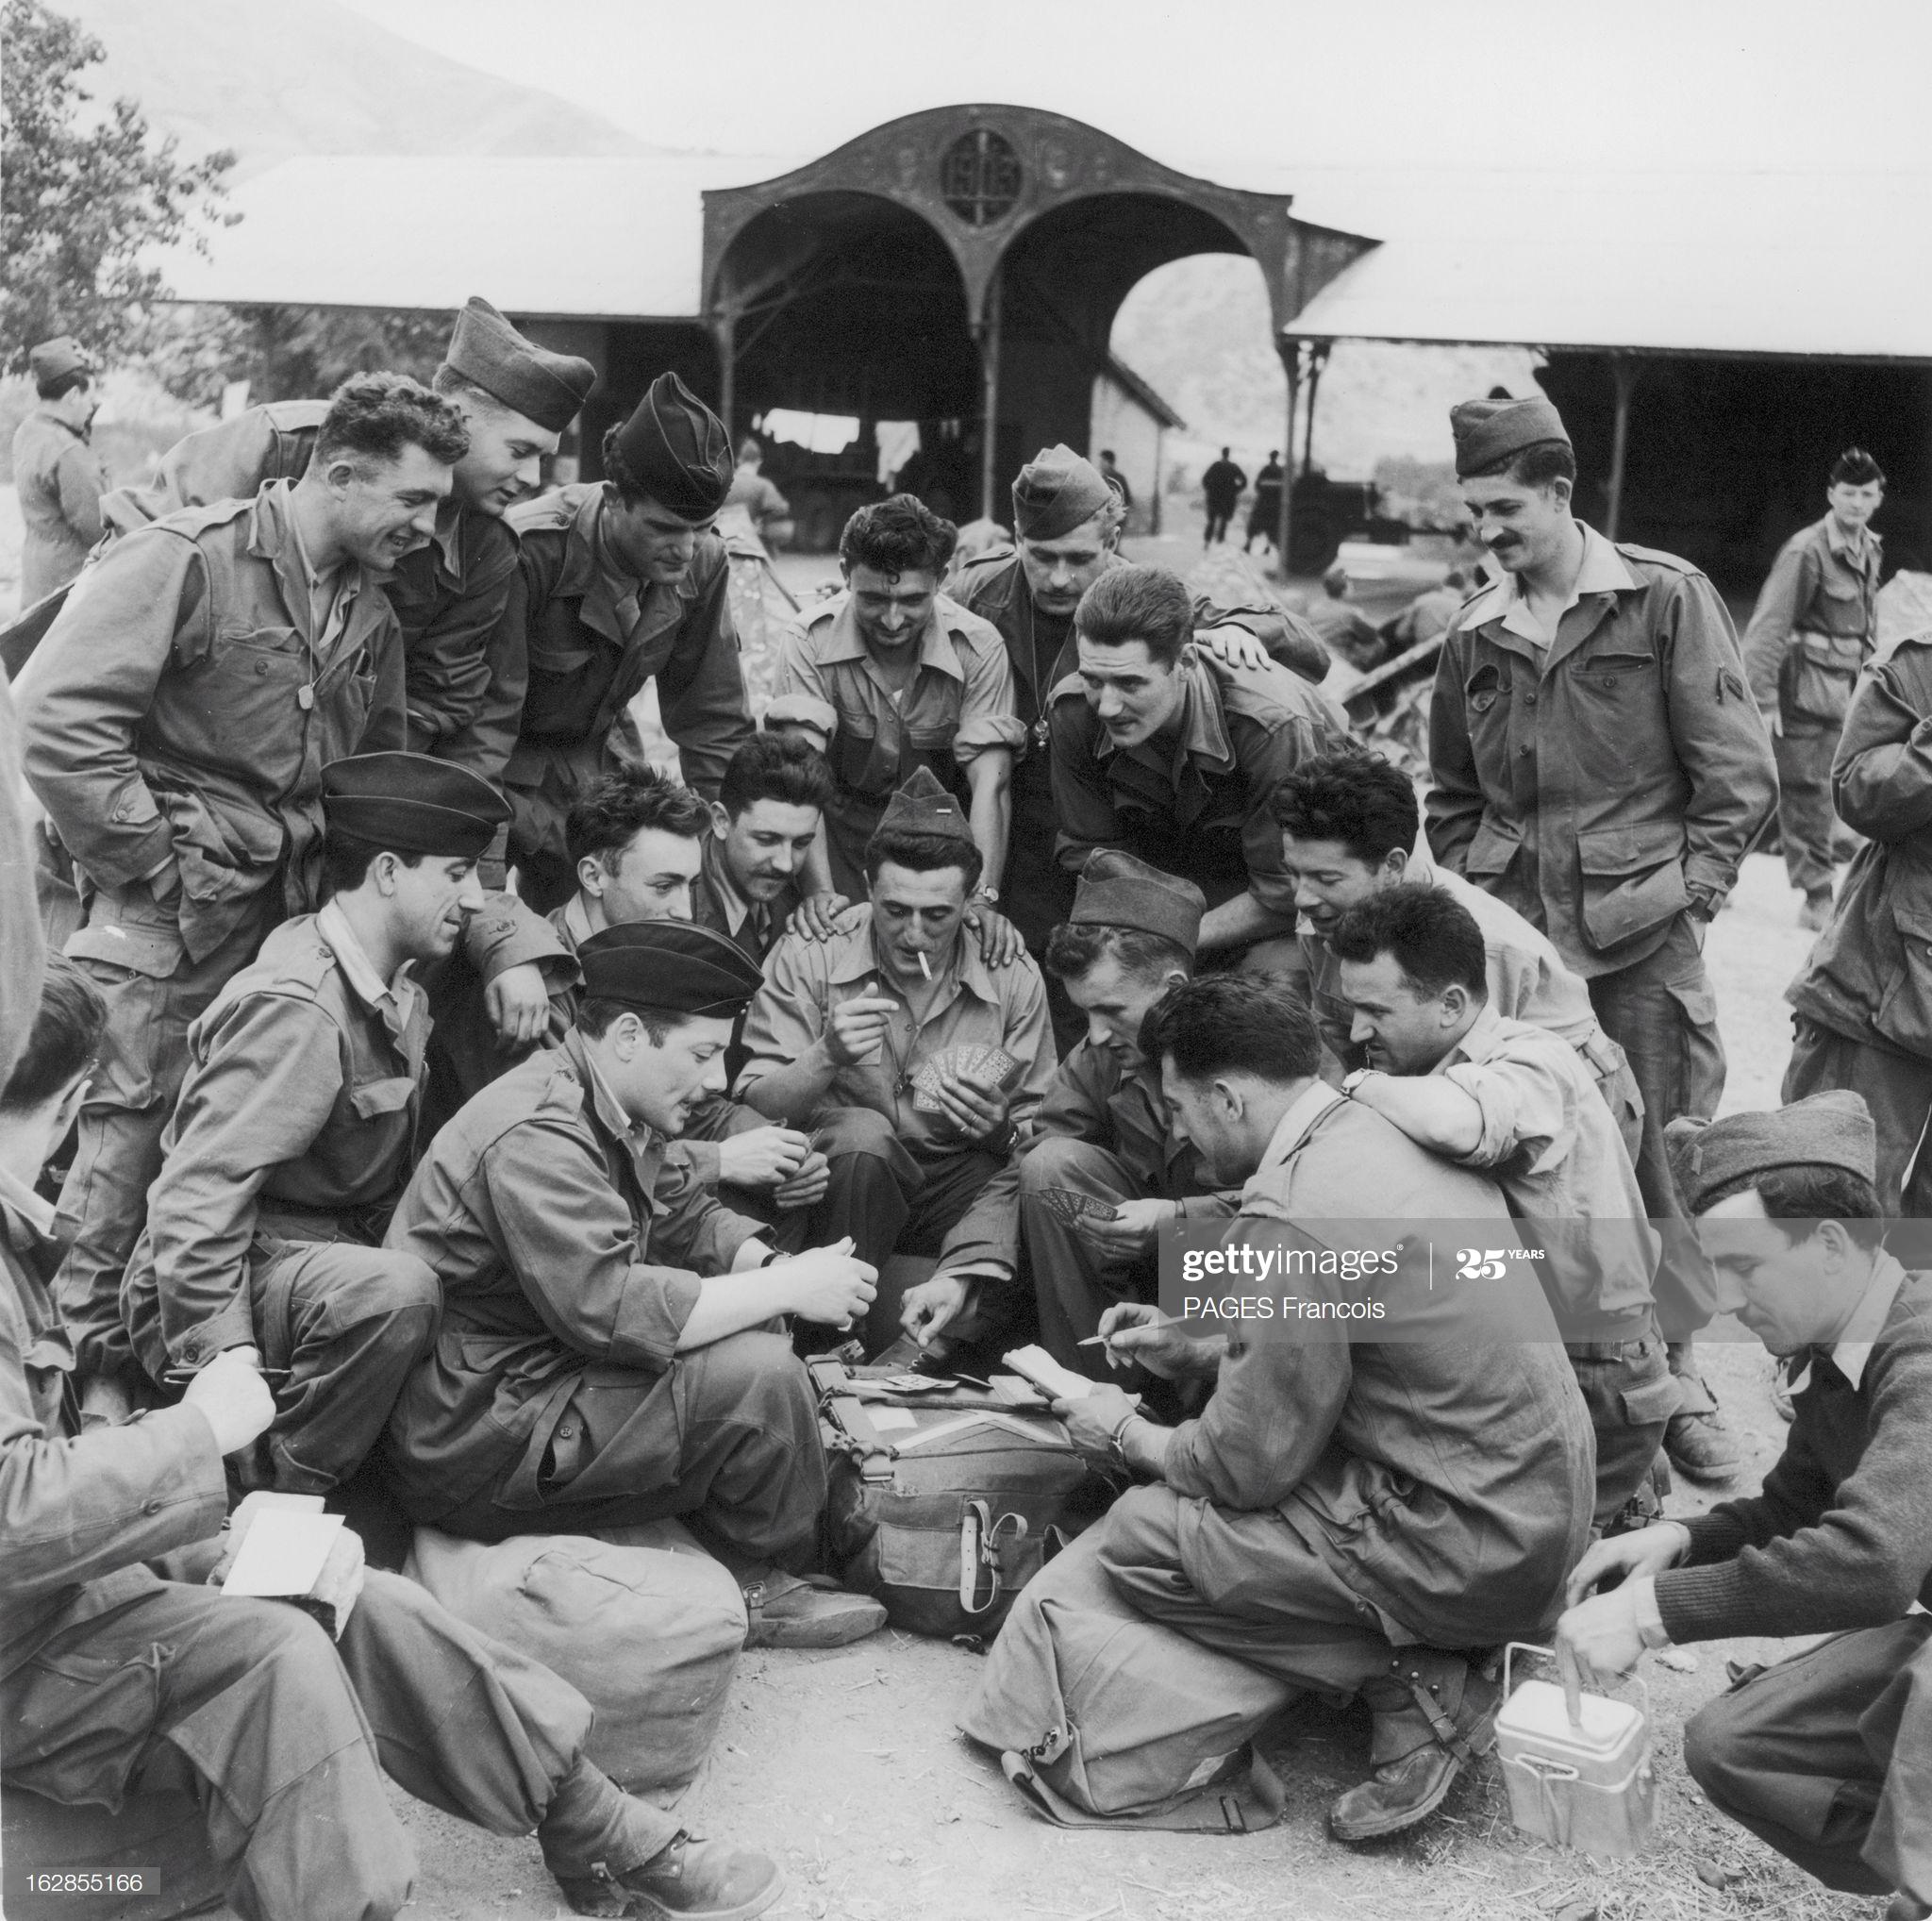 В Тлемсене прибытие на кор Город Оран в г Алжир 14 июня 1956 Ф Паж5.jpg